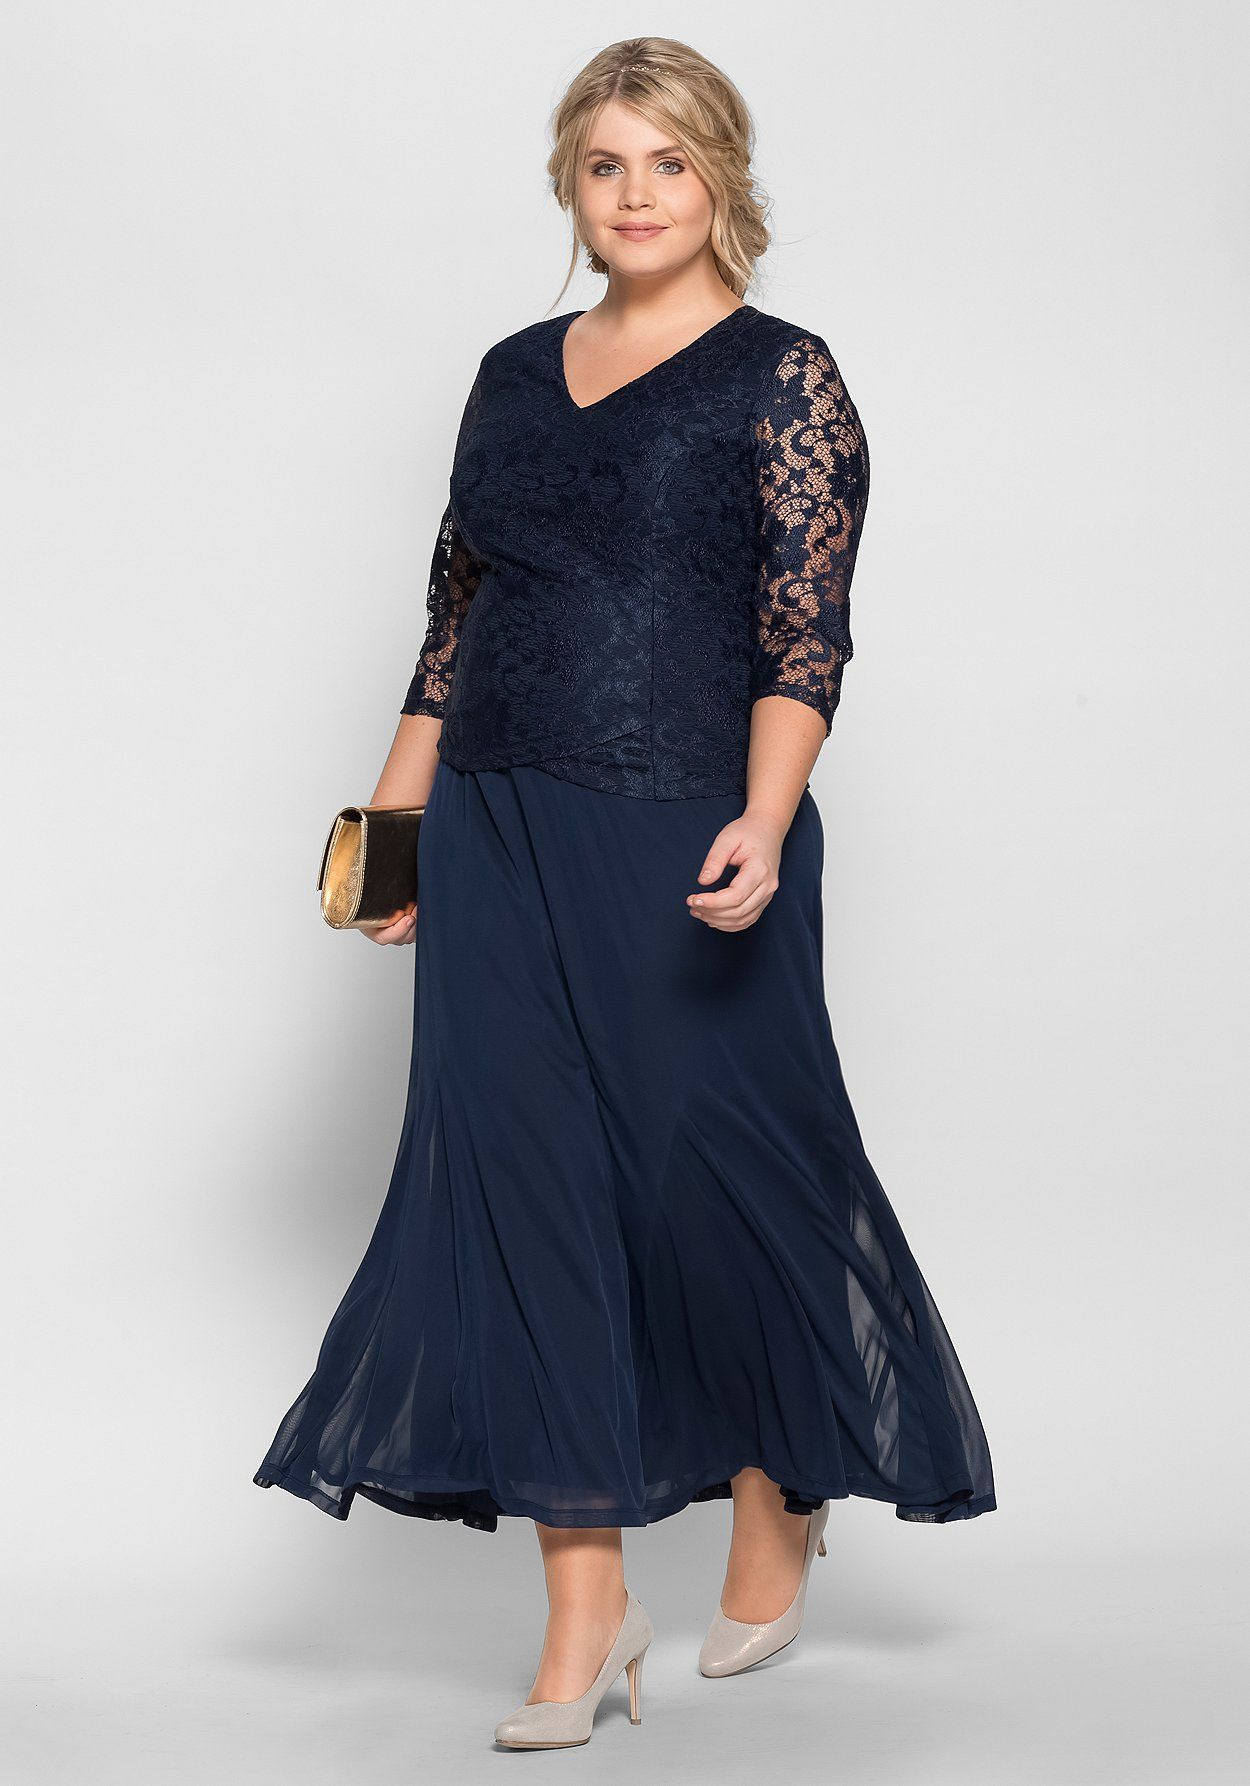 Abend Genial Abendkleid Xxl Online Design17 Luxus Abendkleid Xxl Online Vertrieb